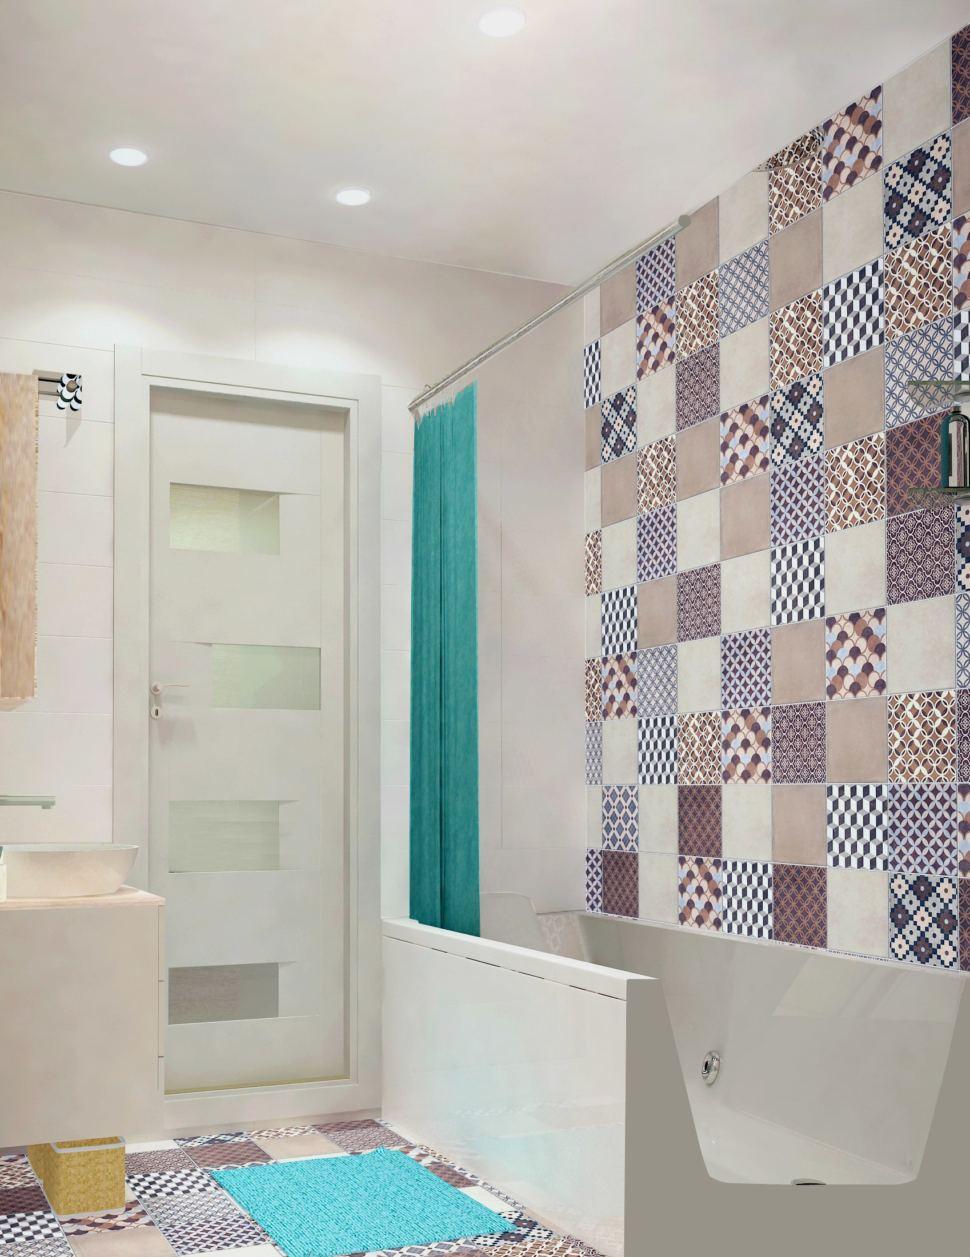 Дизайн ванной комнаты 3 кв.м. в светлых тонах, мойка, зеркальный шкаф, полотенцесушитель, плитка керамическая, орнамент